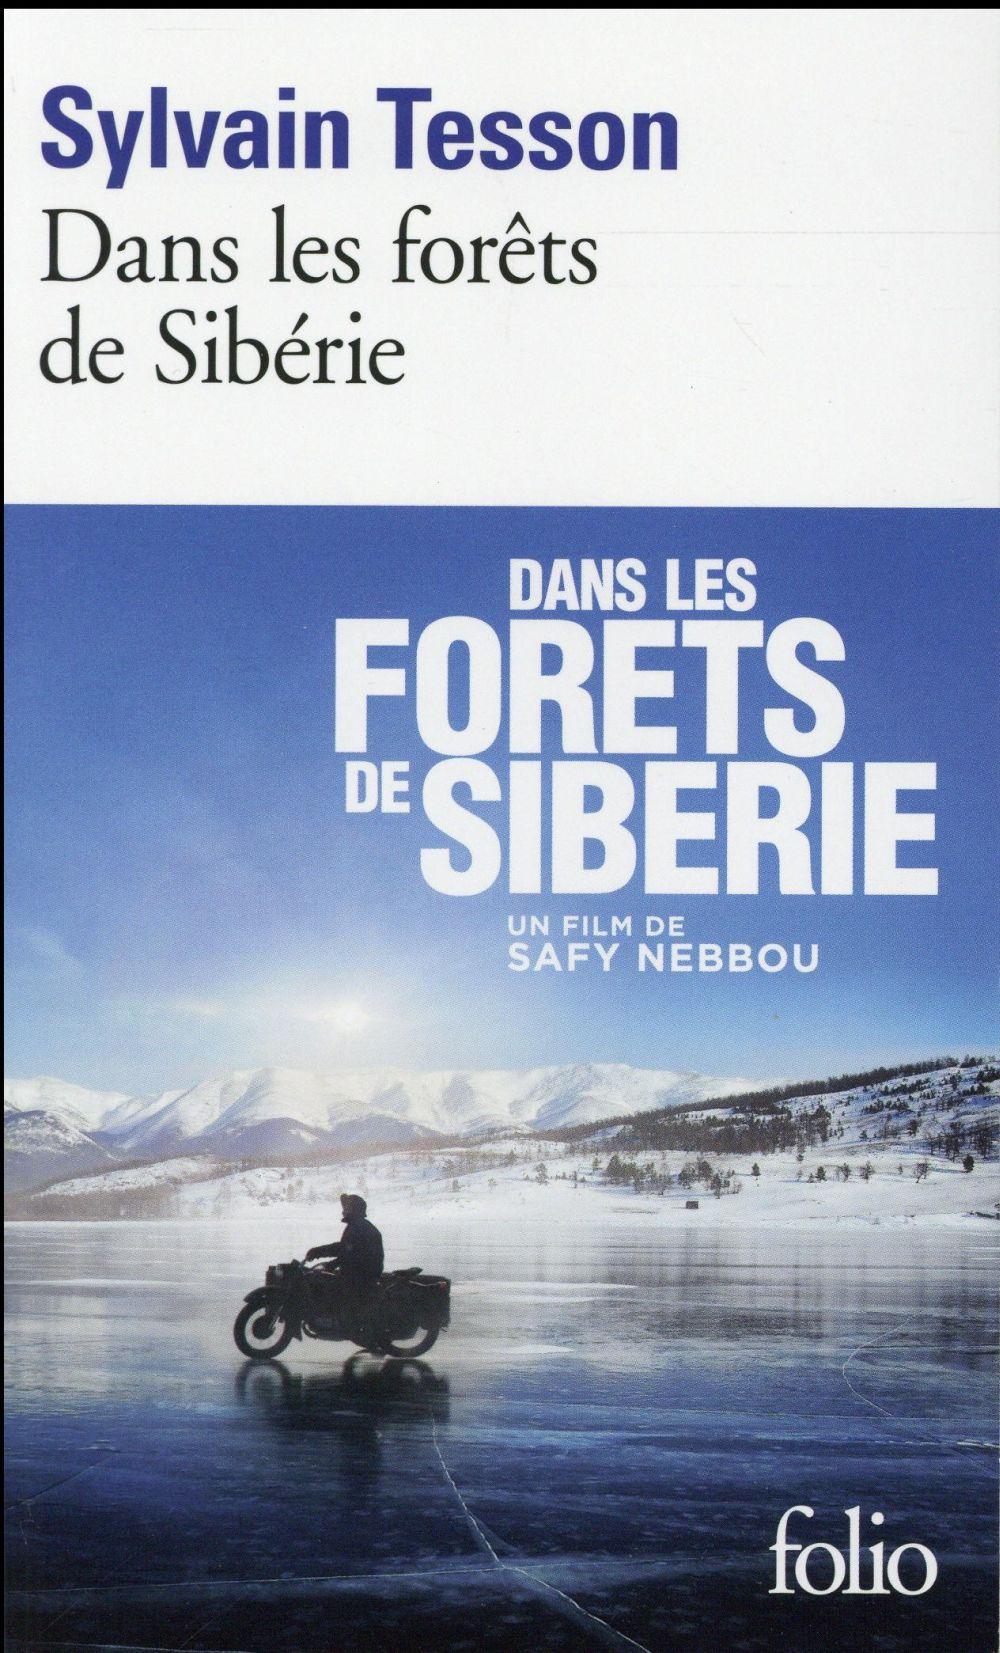 On aime, on vous fait gagner « Dans les forêts de Sibérie » de Sylvain Tesson